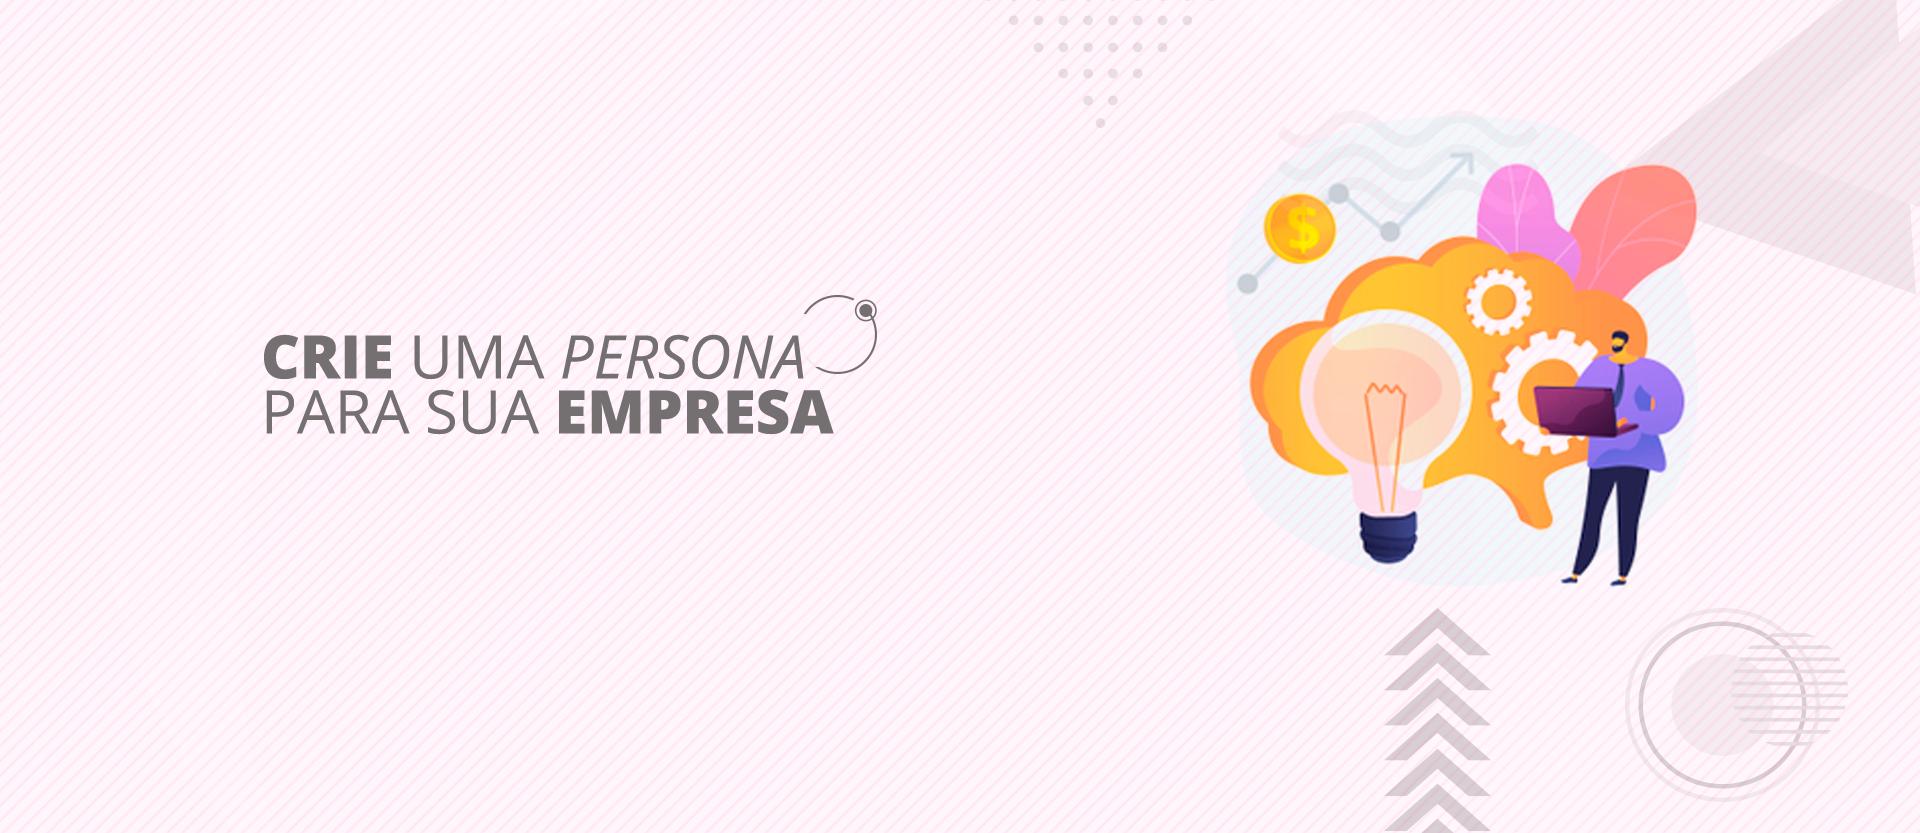 Marketing para Empresas de serviço - Crie uma persona para sua empresa